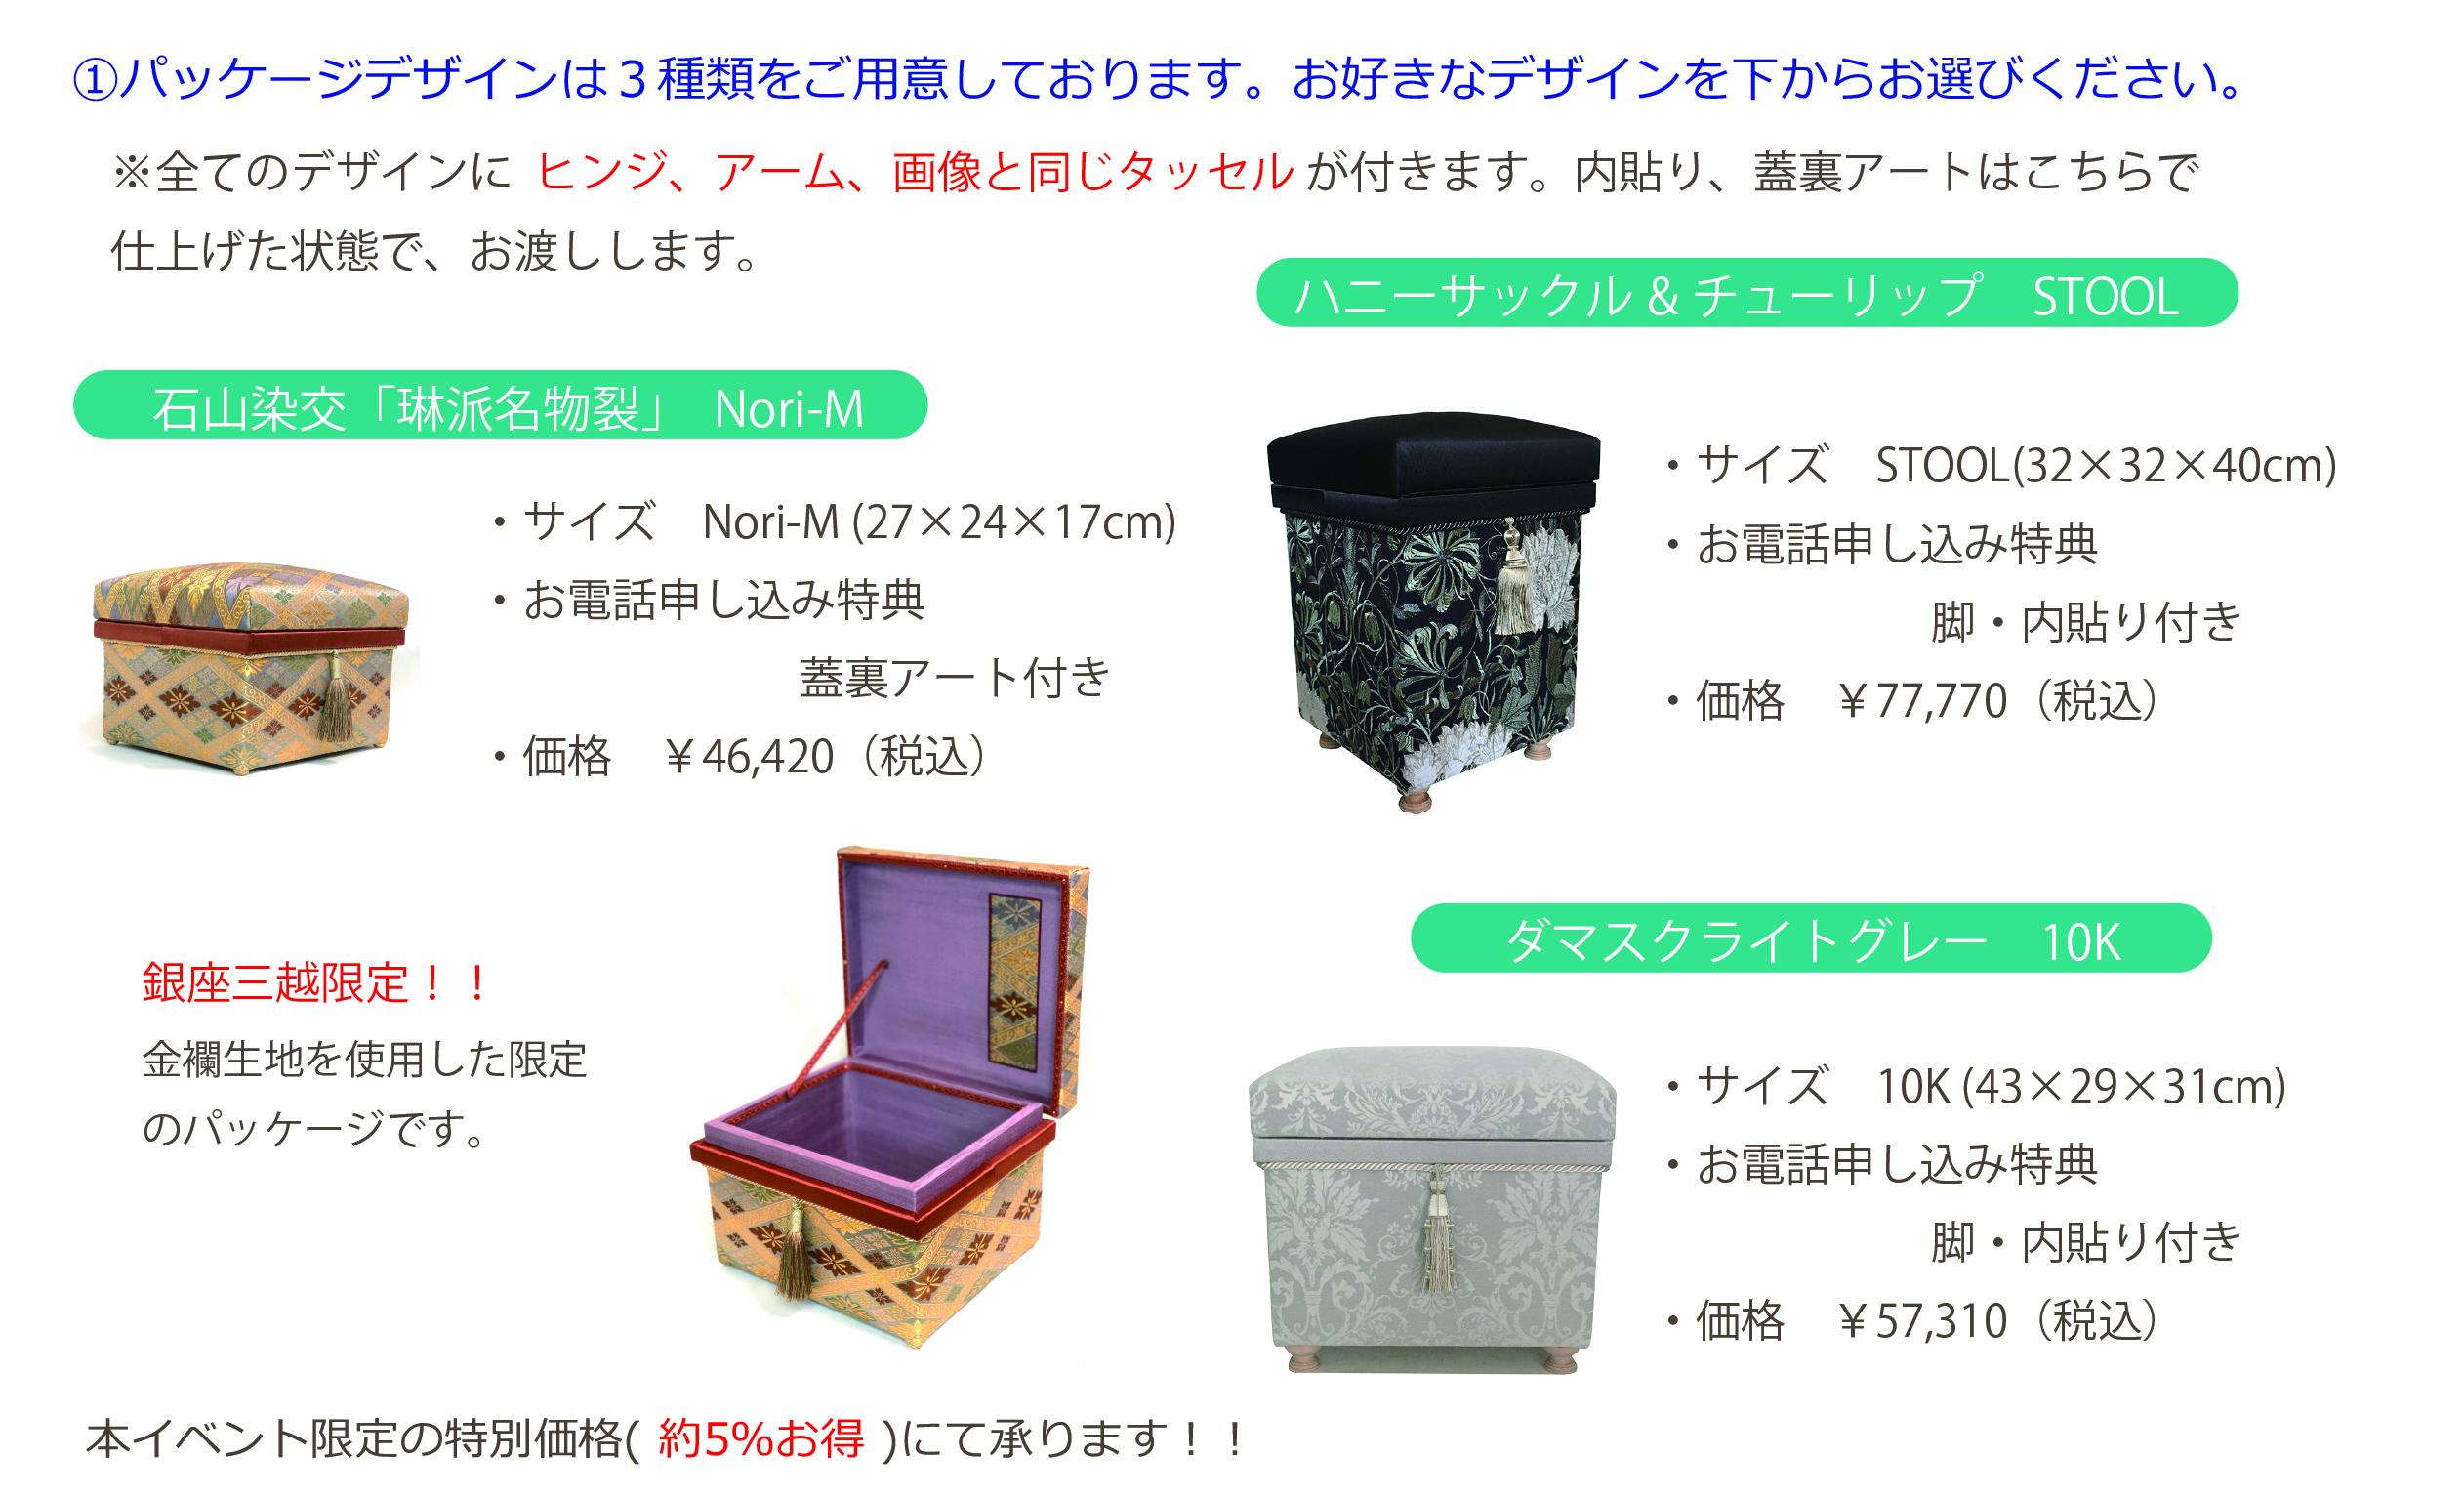 200311_銀座三越flyerWEB4